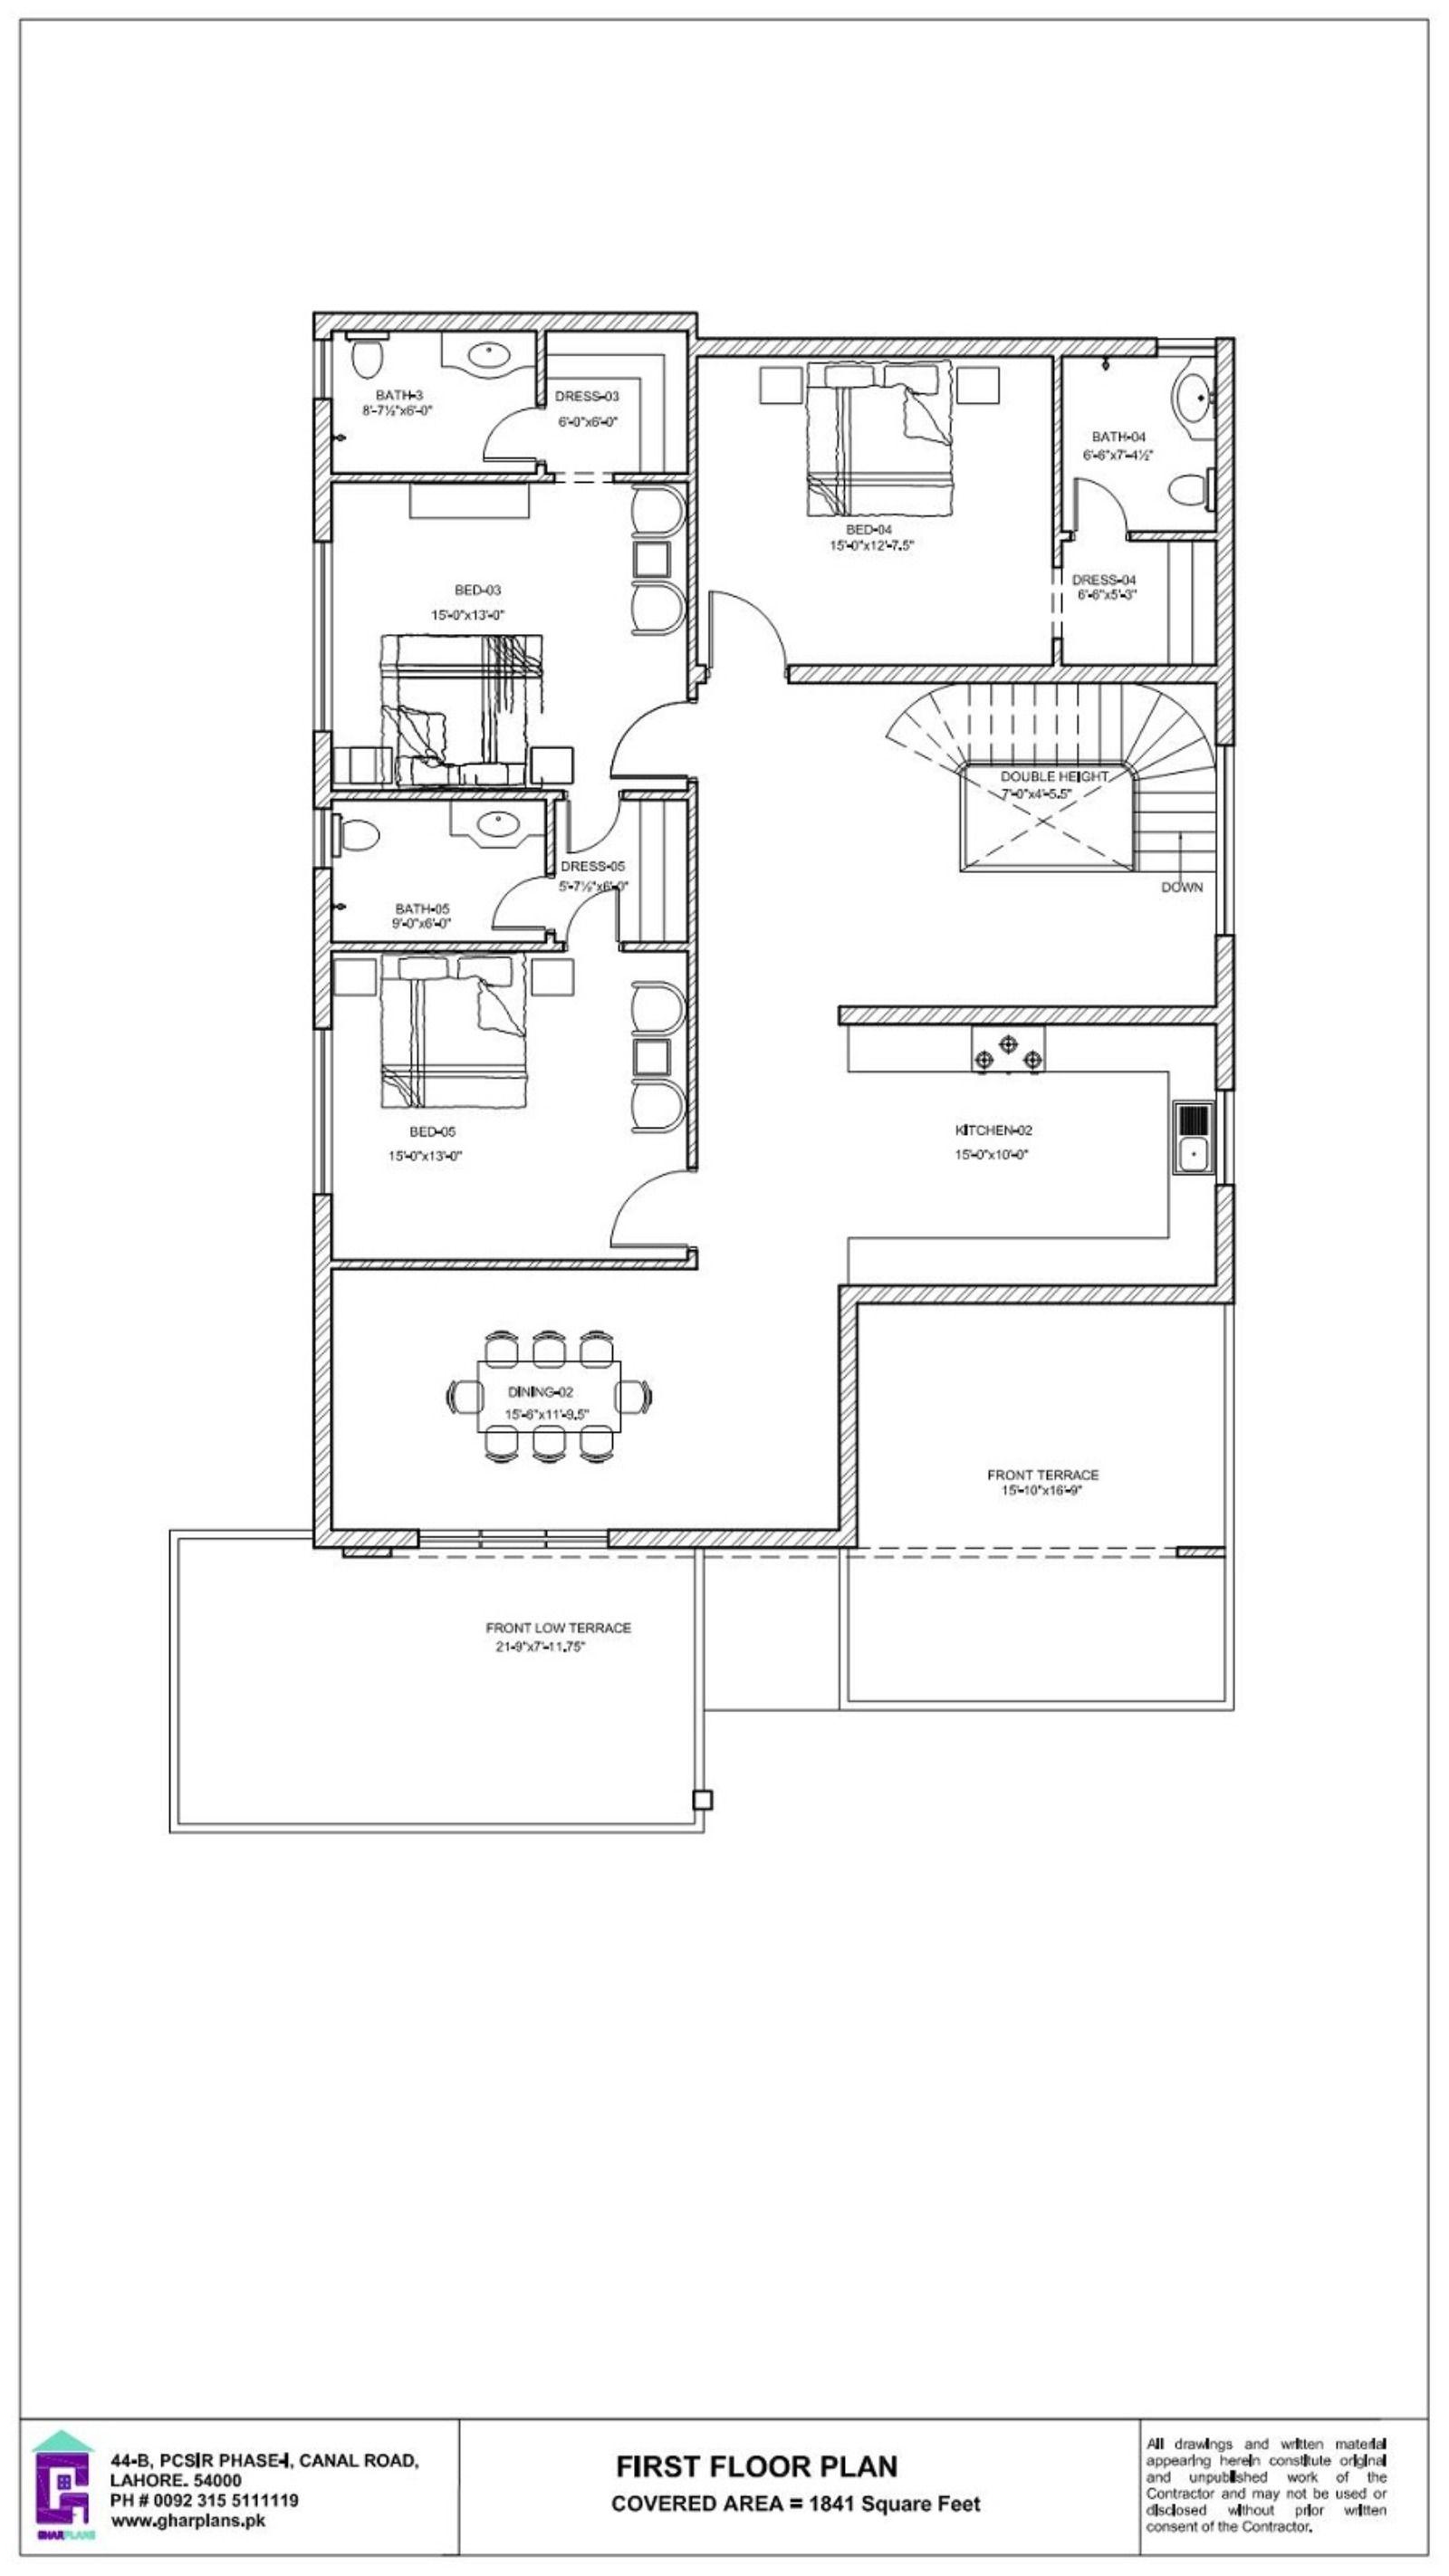 1 Kanal Home Design Idea 50 X 90 First Floor Plan House Plans Country Style House Plans Floor Plan Layout